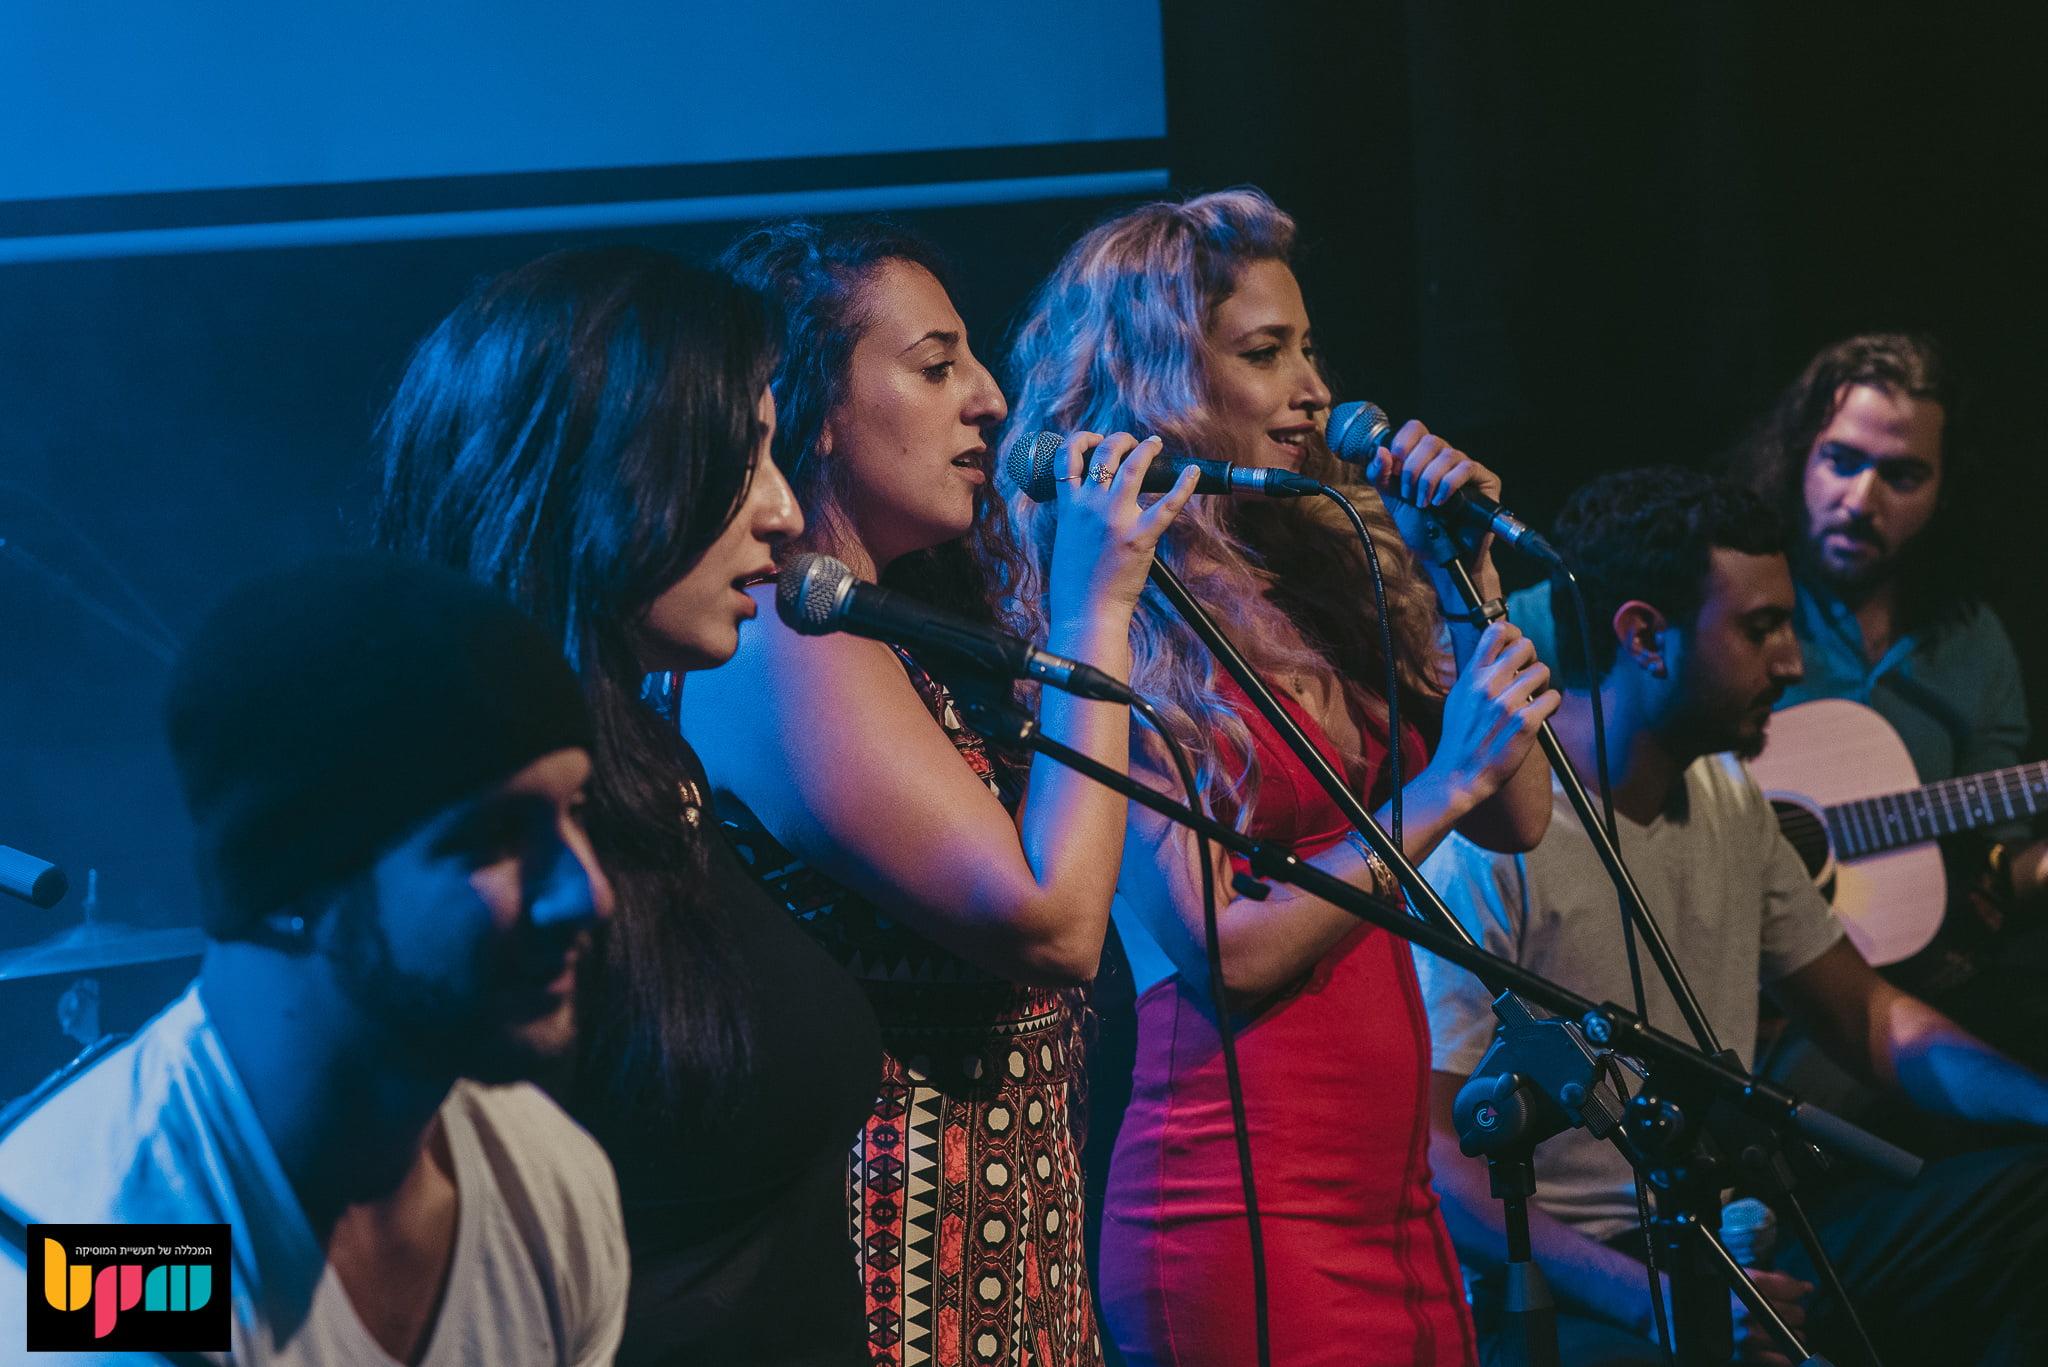 צפו בקליפים ממופע הסיום של מסלול זמר/יוצר בבית היוצר בנמל תל אביב